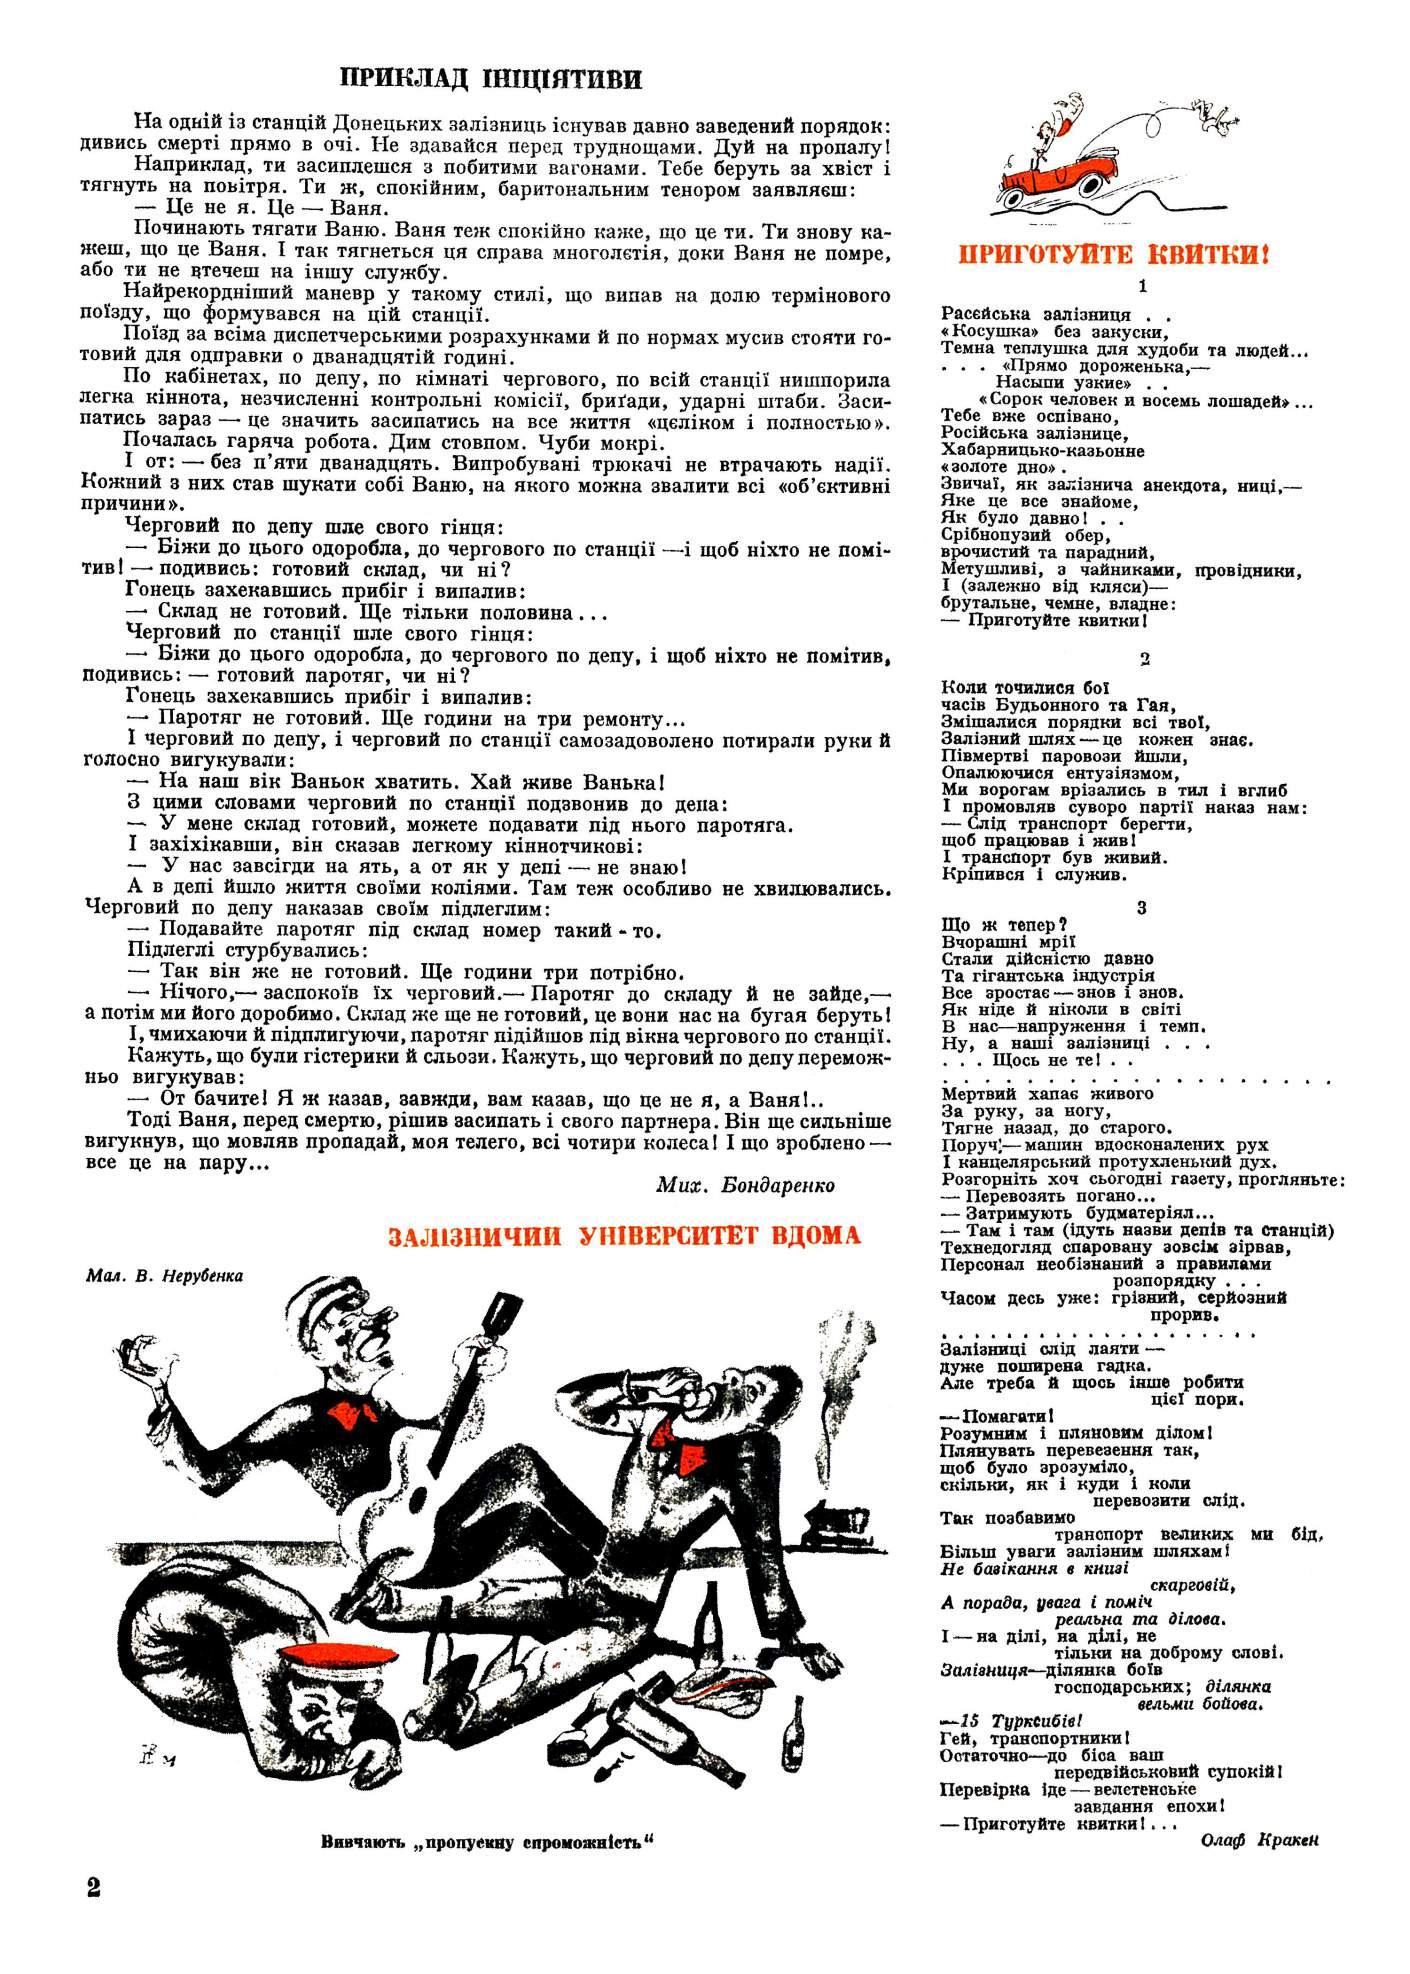 Журнал перець 1931 №07-08